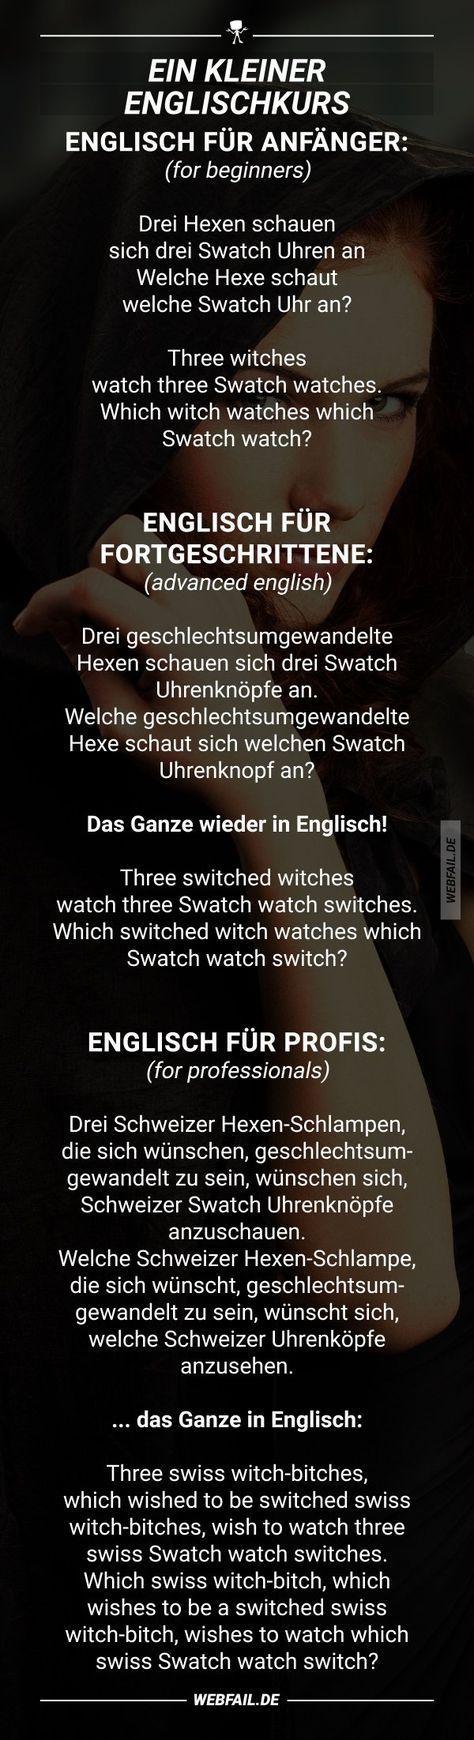 Ein kleiner Englischkurs #kleinerbalkon